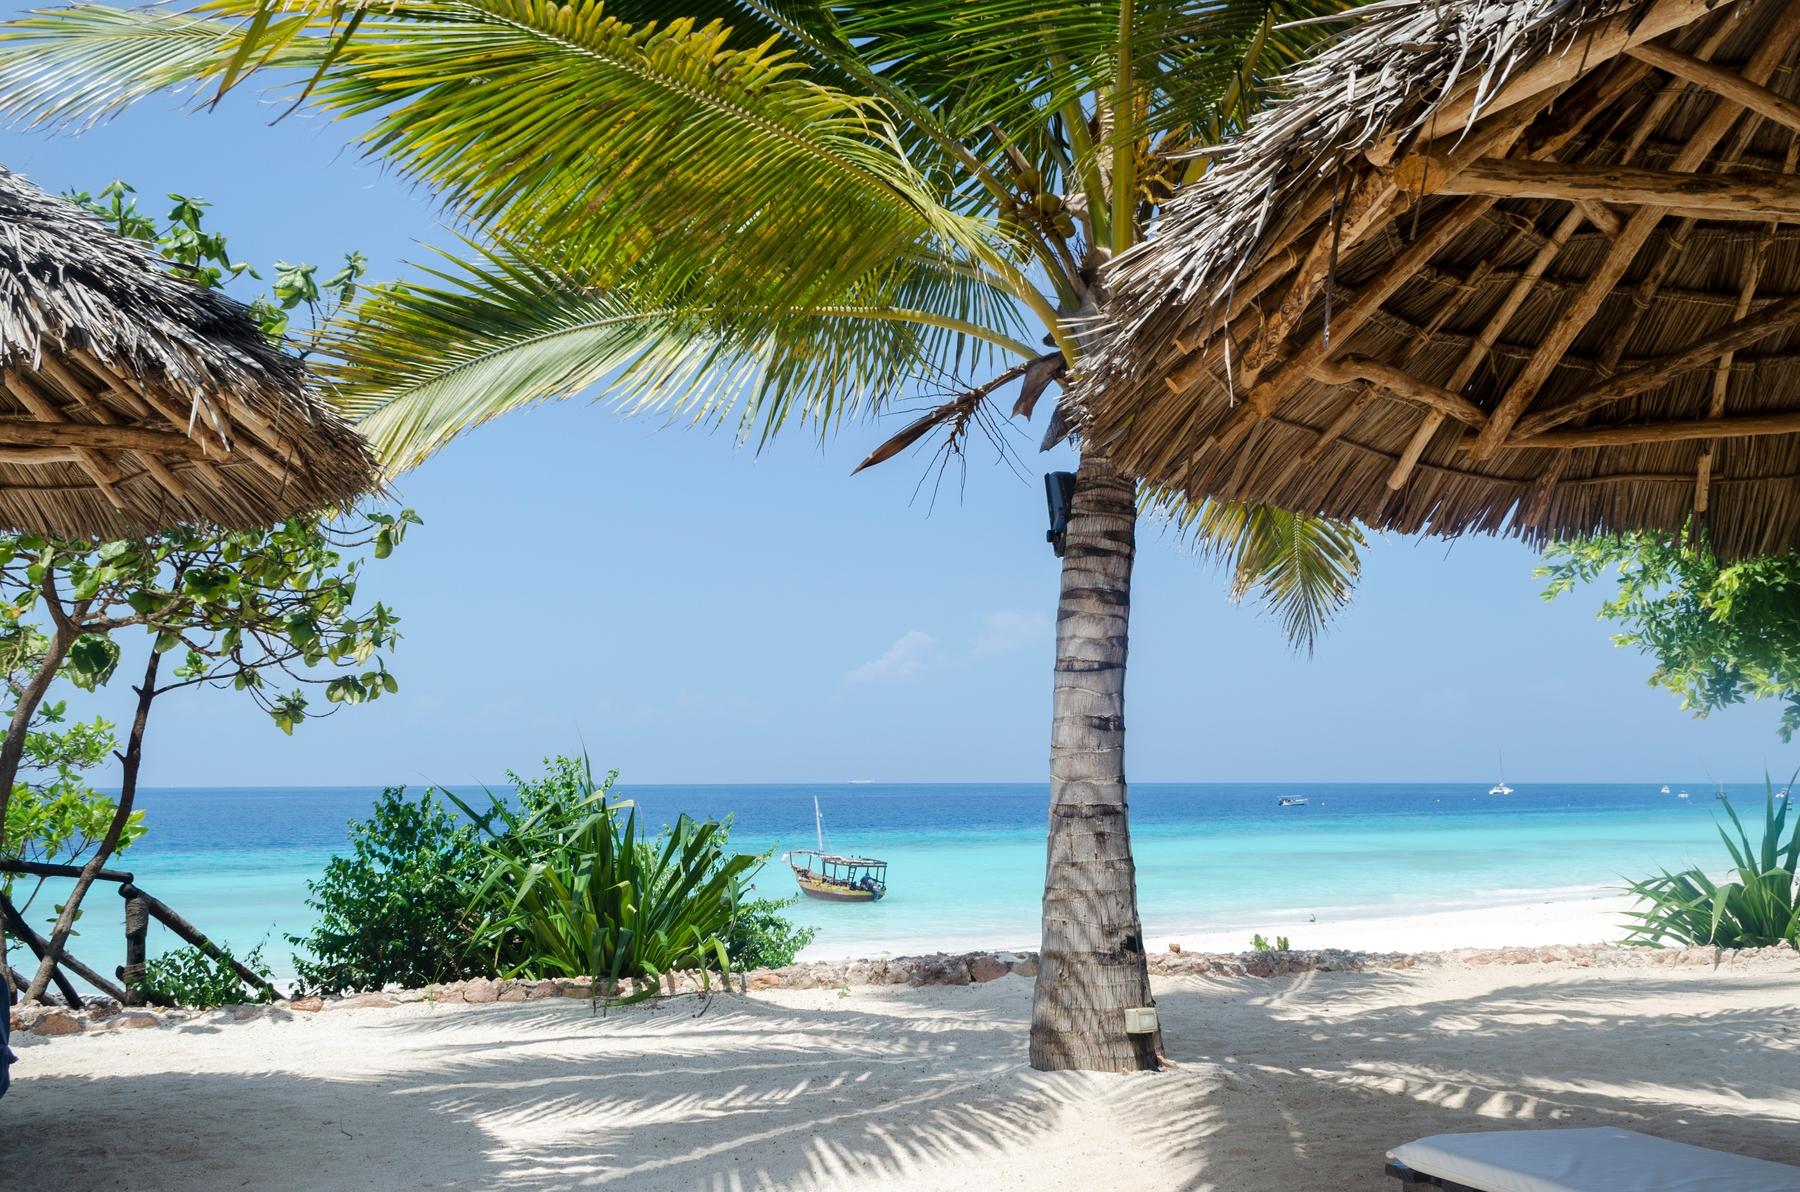 Beach eastern coast of Africa